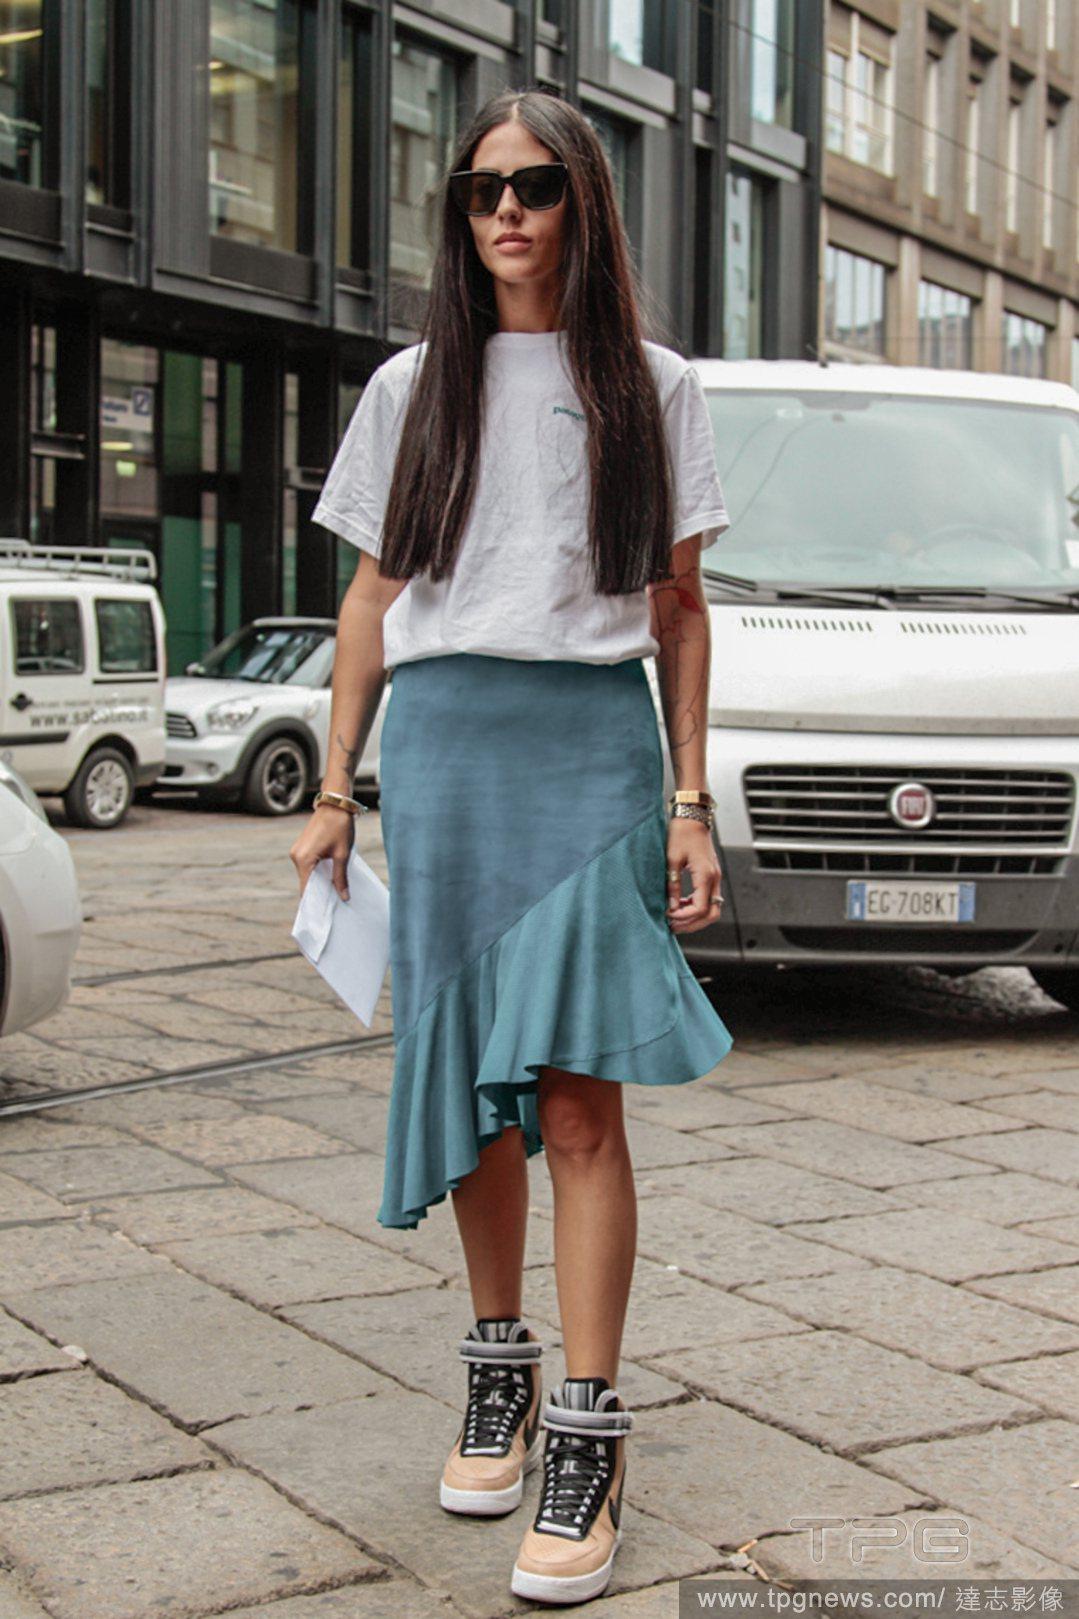 「裙子配球鞋」的造型,很多男人看不太懂。圖/達志影像